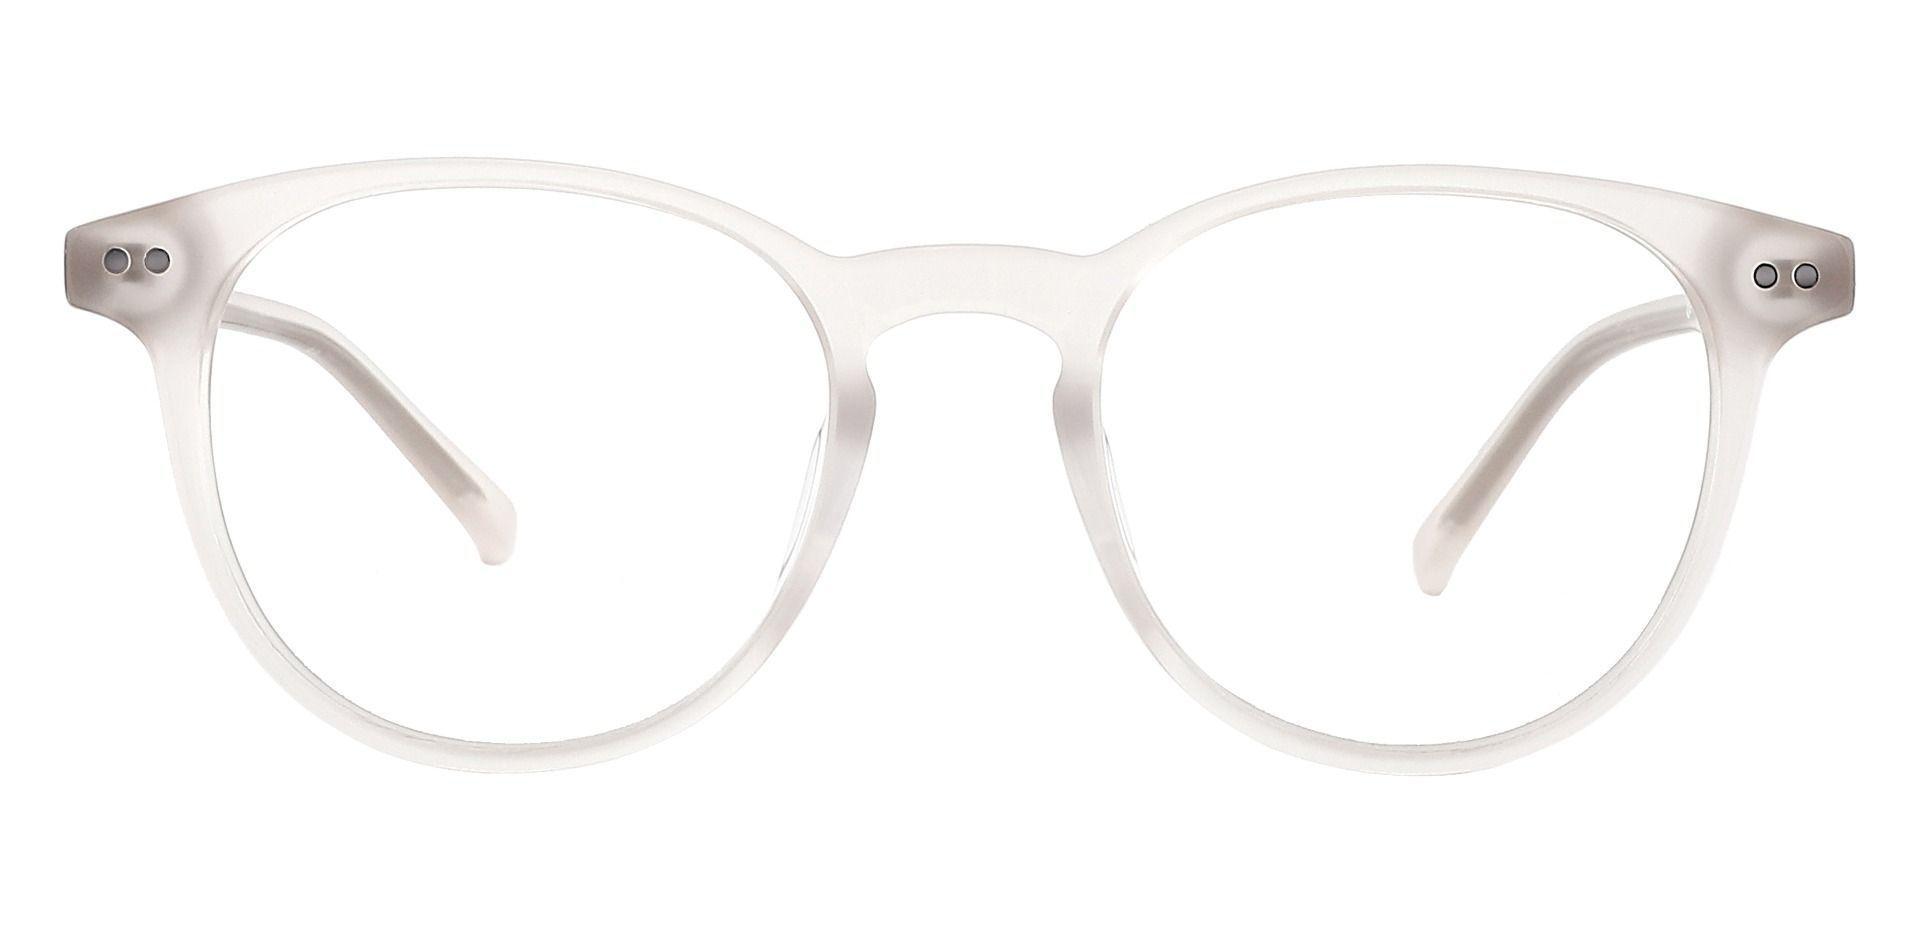 Marianna Oval Progressive Glasses - White